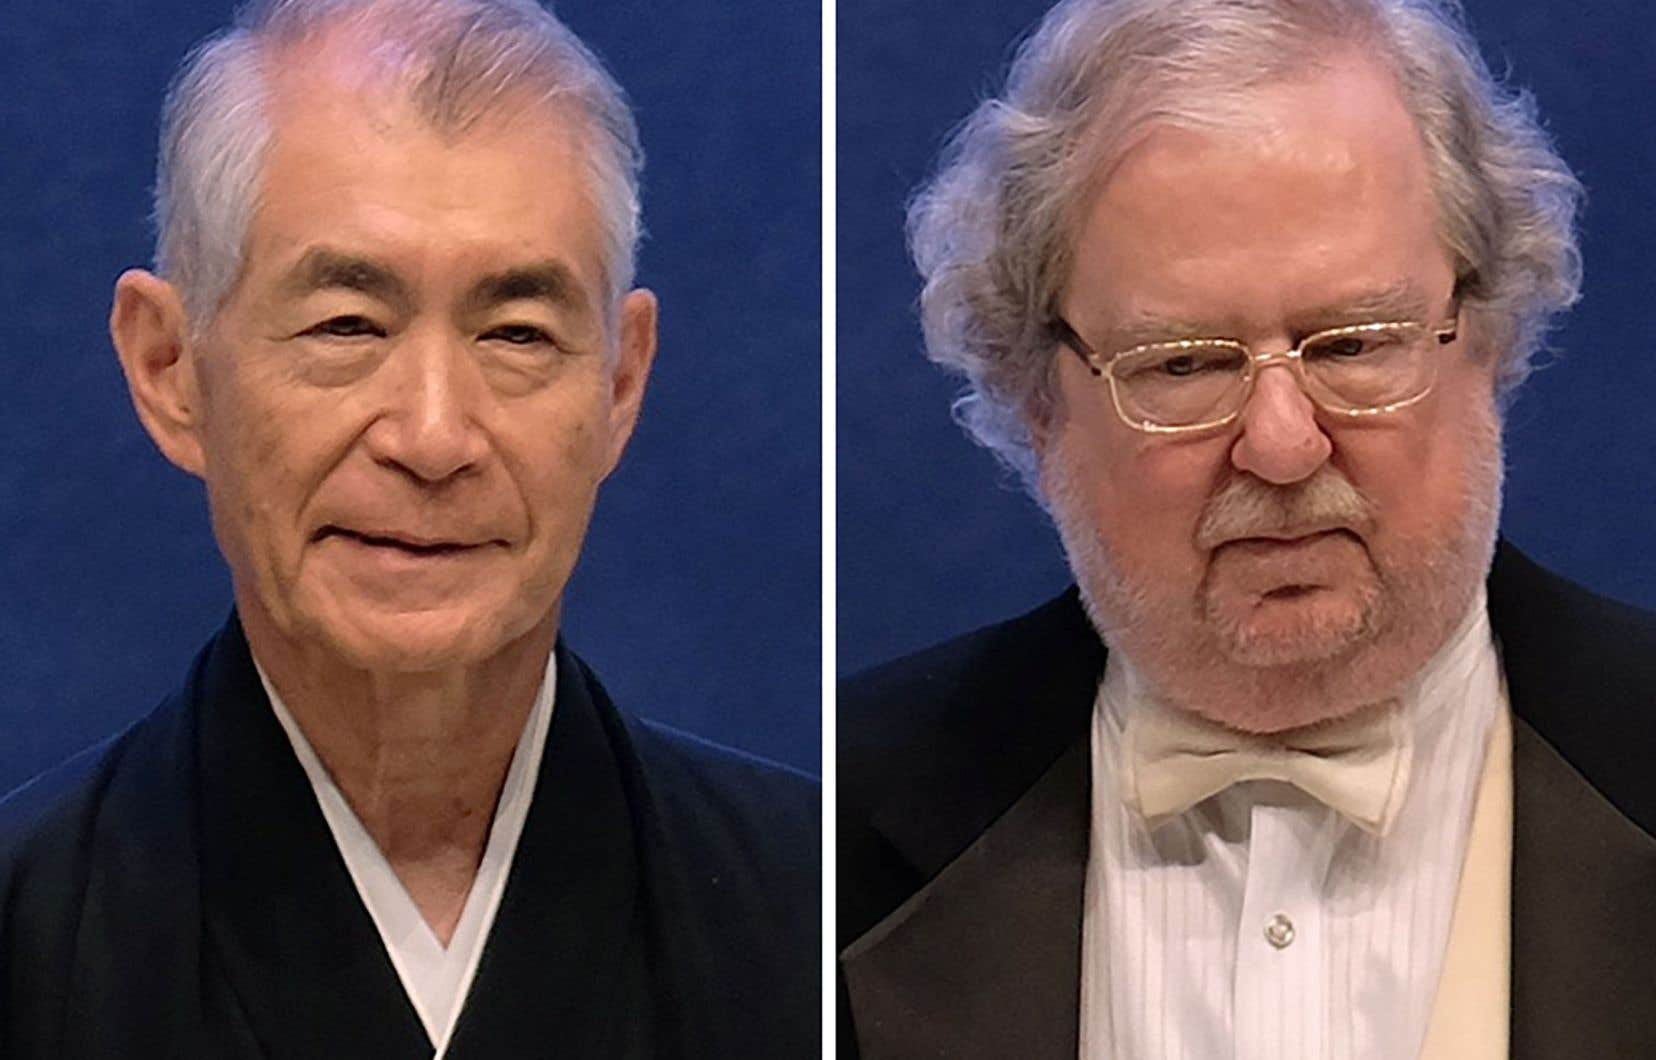 Les immunologistes Tasuku Honjo etJames P. Allison ont reçu le Nobel de médecine.